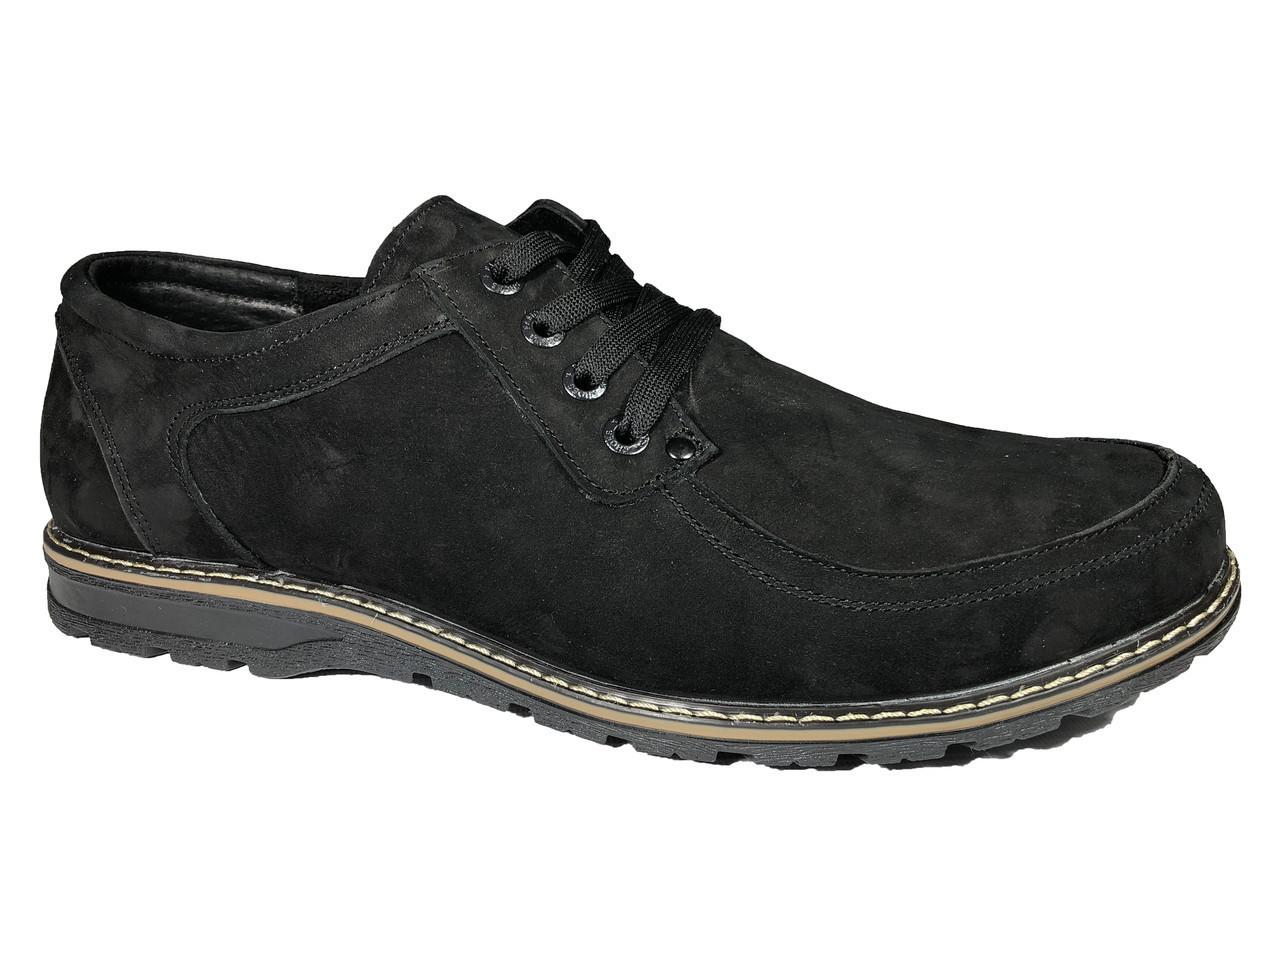 bcc0cd08d Туфли мужские 49 размера повседневные модель Т-4 нубук -  BigBoss-производитель мужской обуви